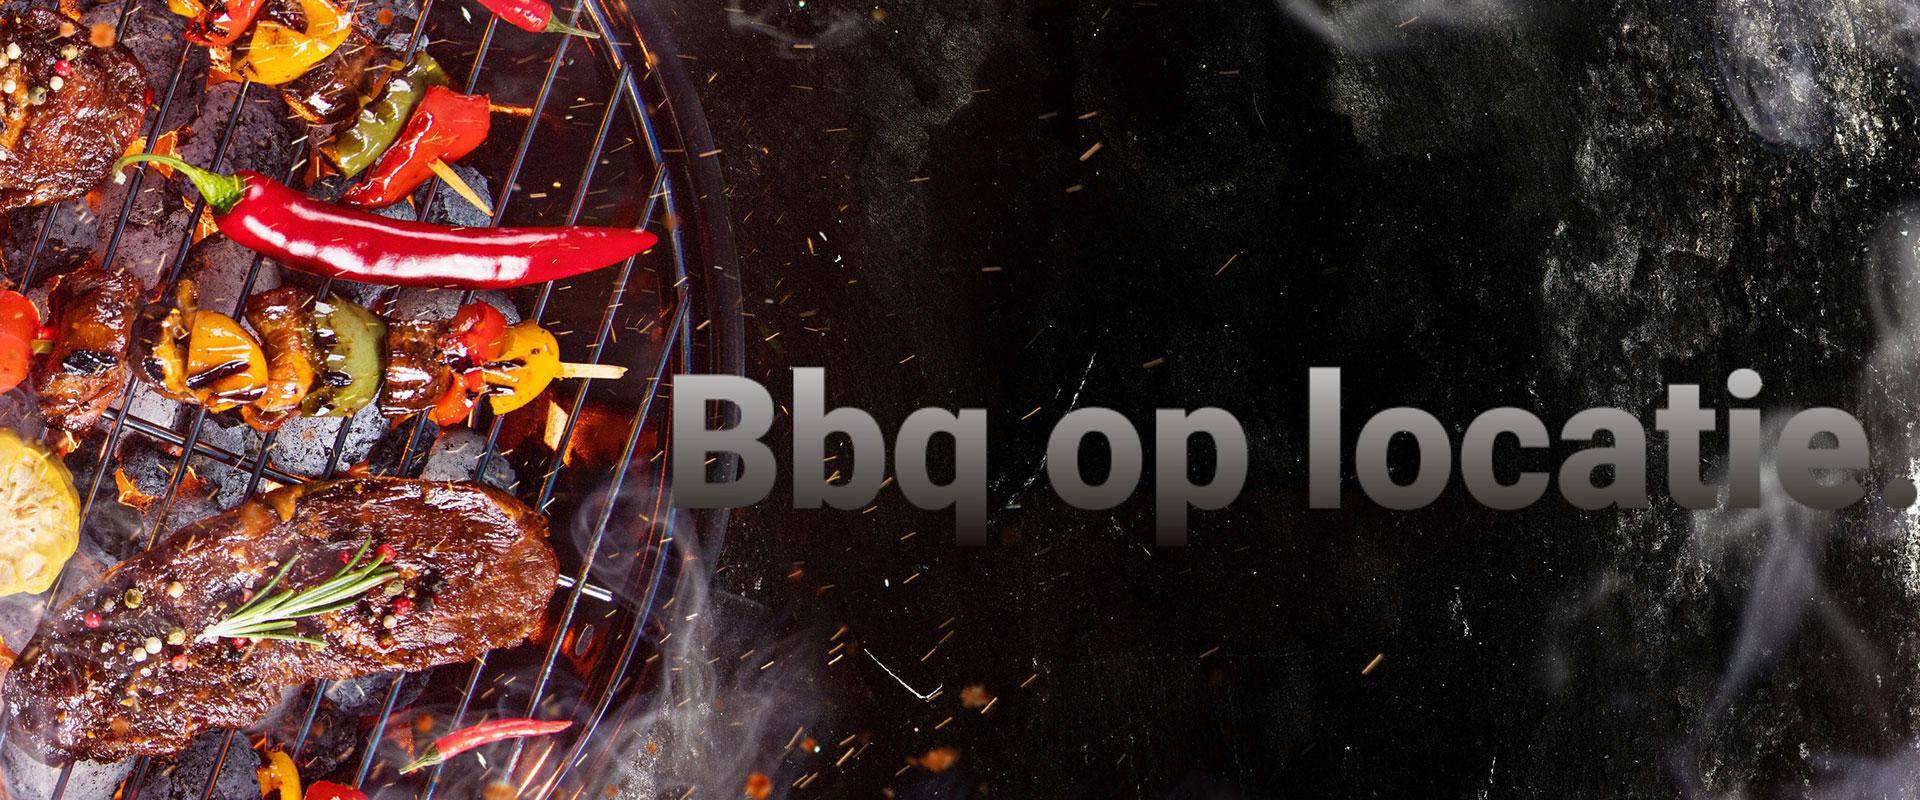 bbq_web_2